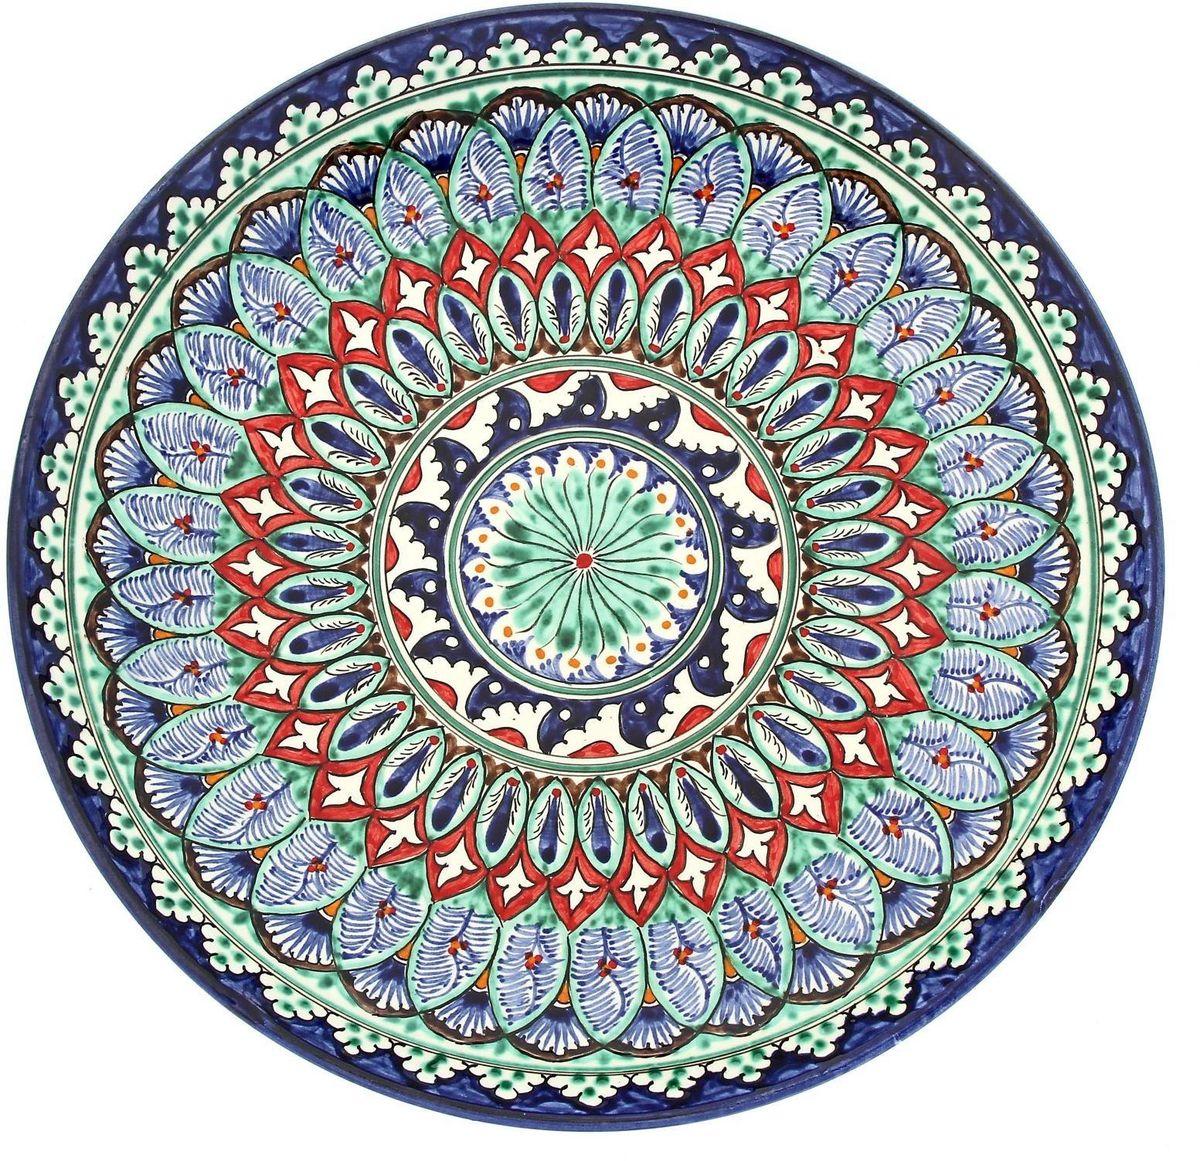 Ляган Риштанская керамика, диаметр 31 см. 19234661923466Ляган — это не просто обеденный атрибут, это украшение стола. Посуда с национальной росписью станет отменным подарком для ценителей высокородной посуды.Риштан — город на востоке Узбекистана, один из древнейших в Ферганской долине. С давних времён Риштан славится своим гончарным искусством изготовления цветной керамики. Красноватую глину для изделия добывают в самом городе. Мастера утверждают, что их глина настолько высокого качества, что даже не нуждается в предварительной обработке. Дополните коллекцию кухонных аксессуаров пряными восточными нотами.